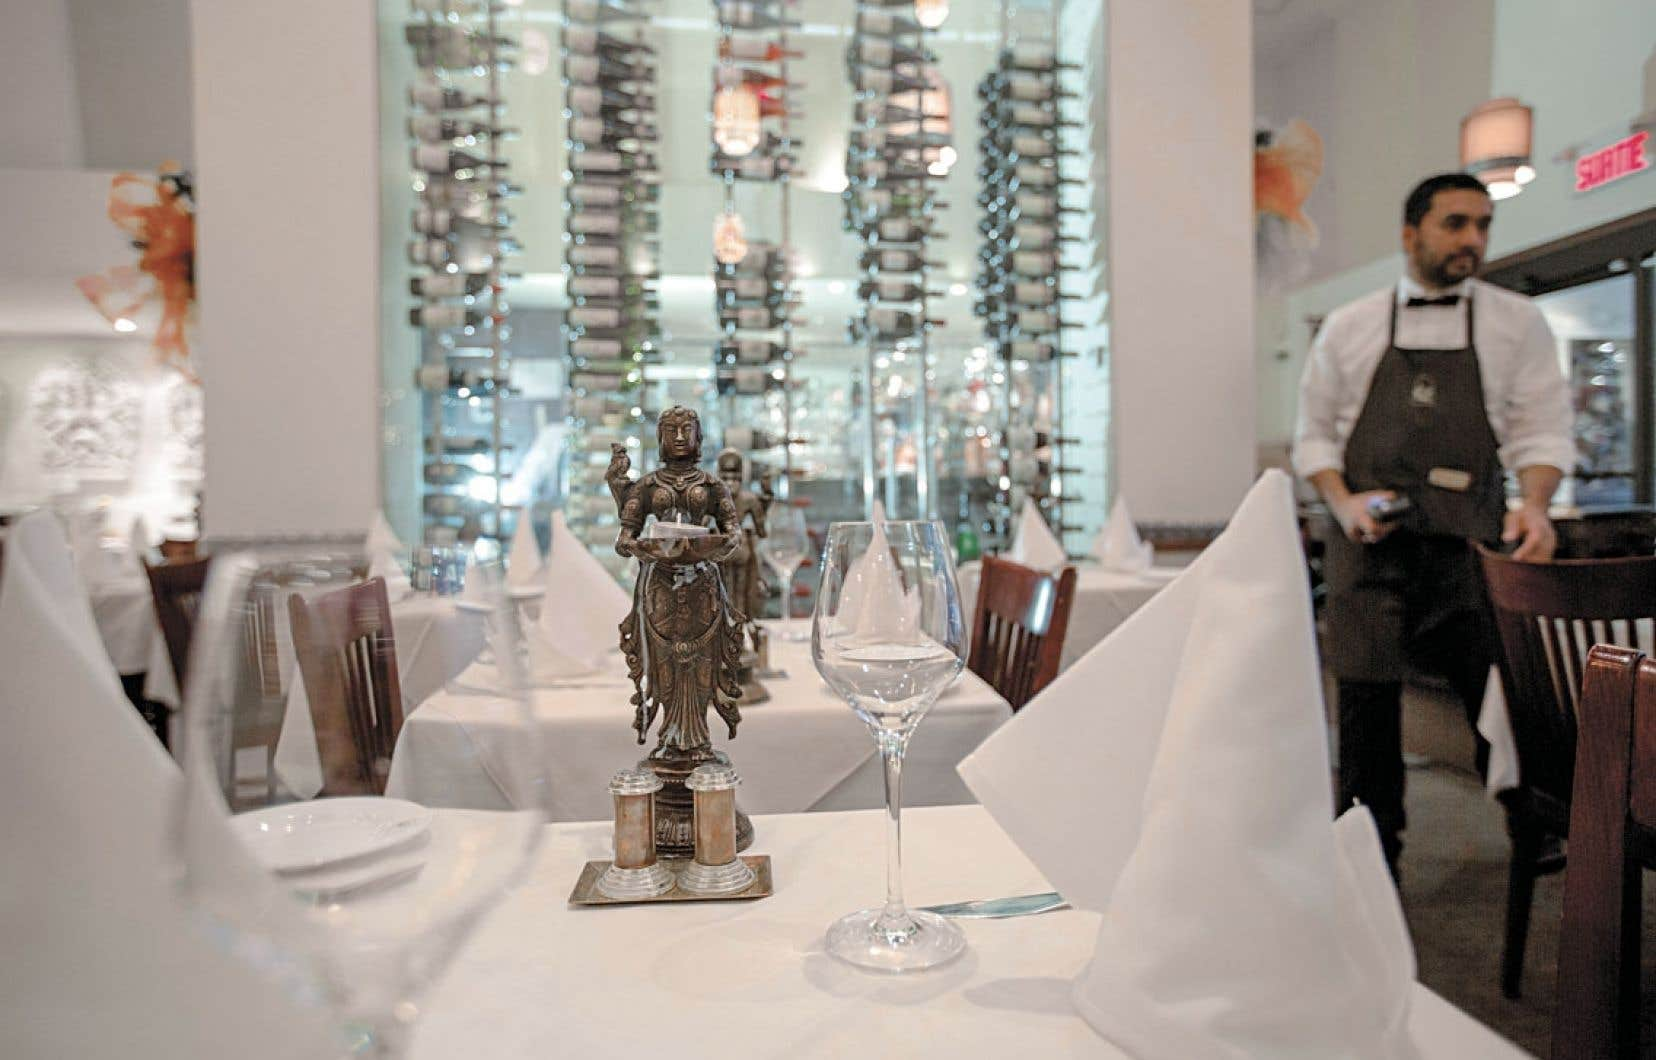 Le Taj invite au voyage culinaire en Inde depuis plus d'un quart de siècle avec beaucoup de talent.